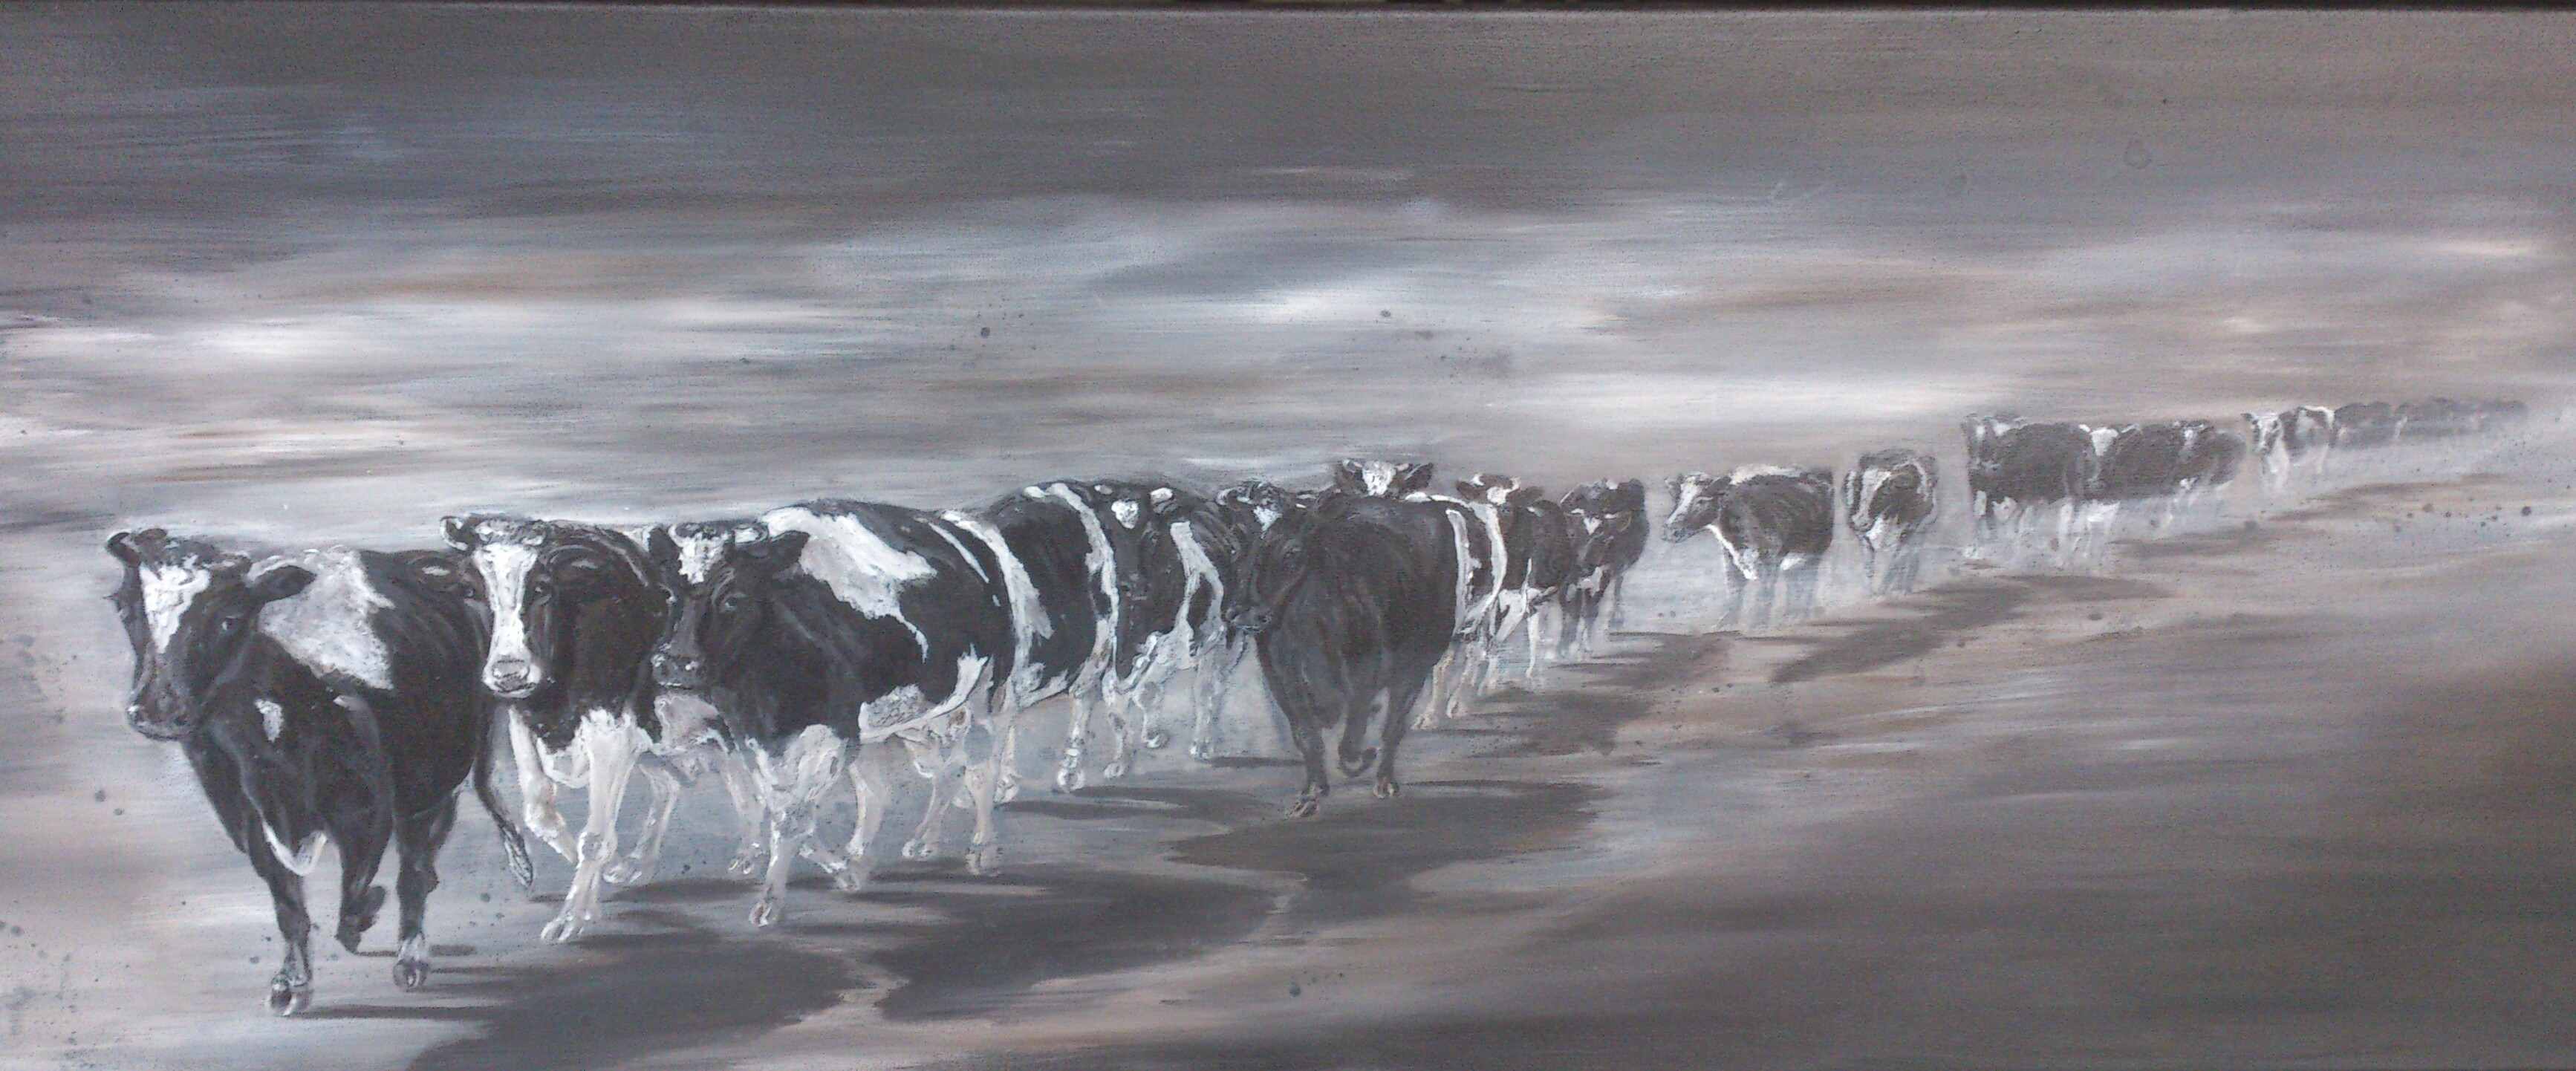 Koeien lopen naar de stal